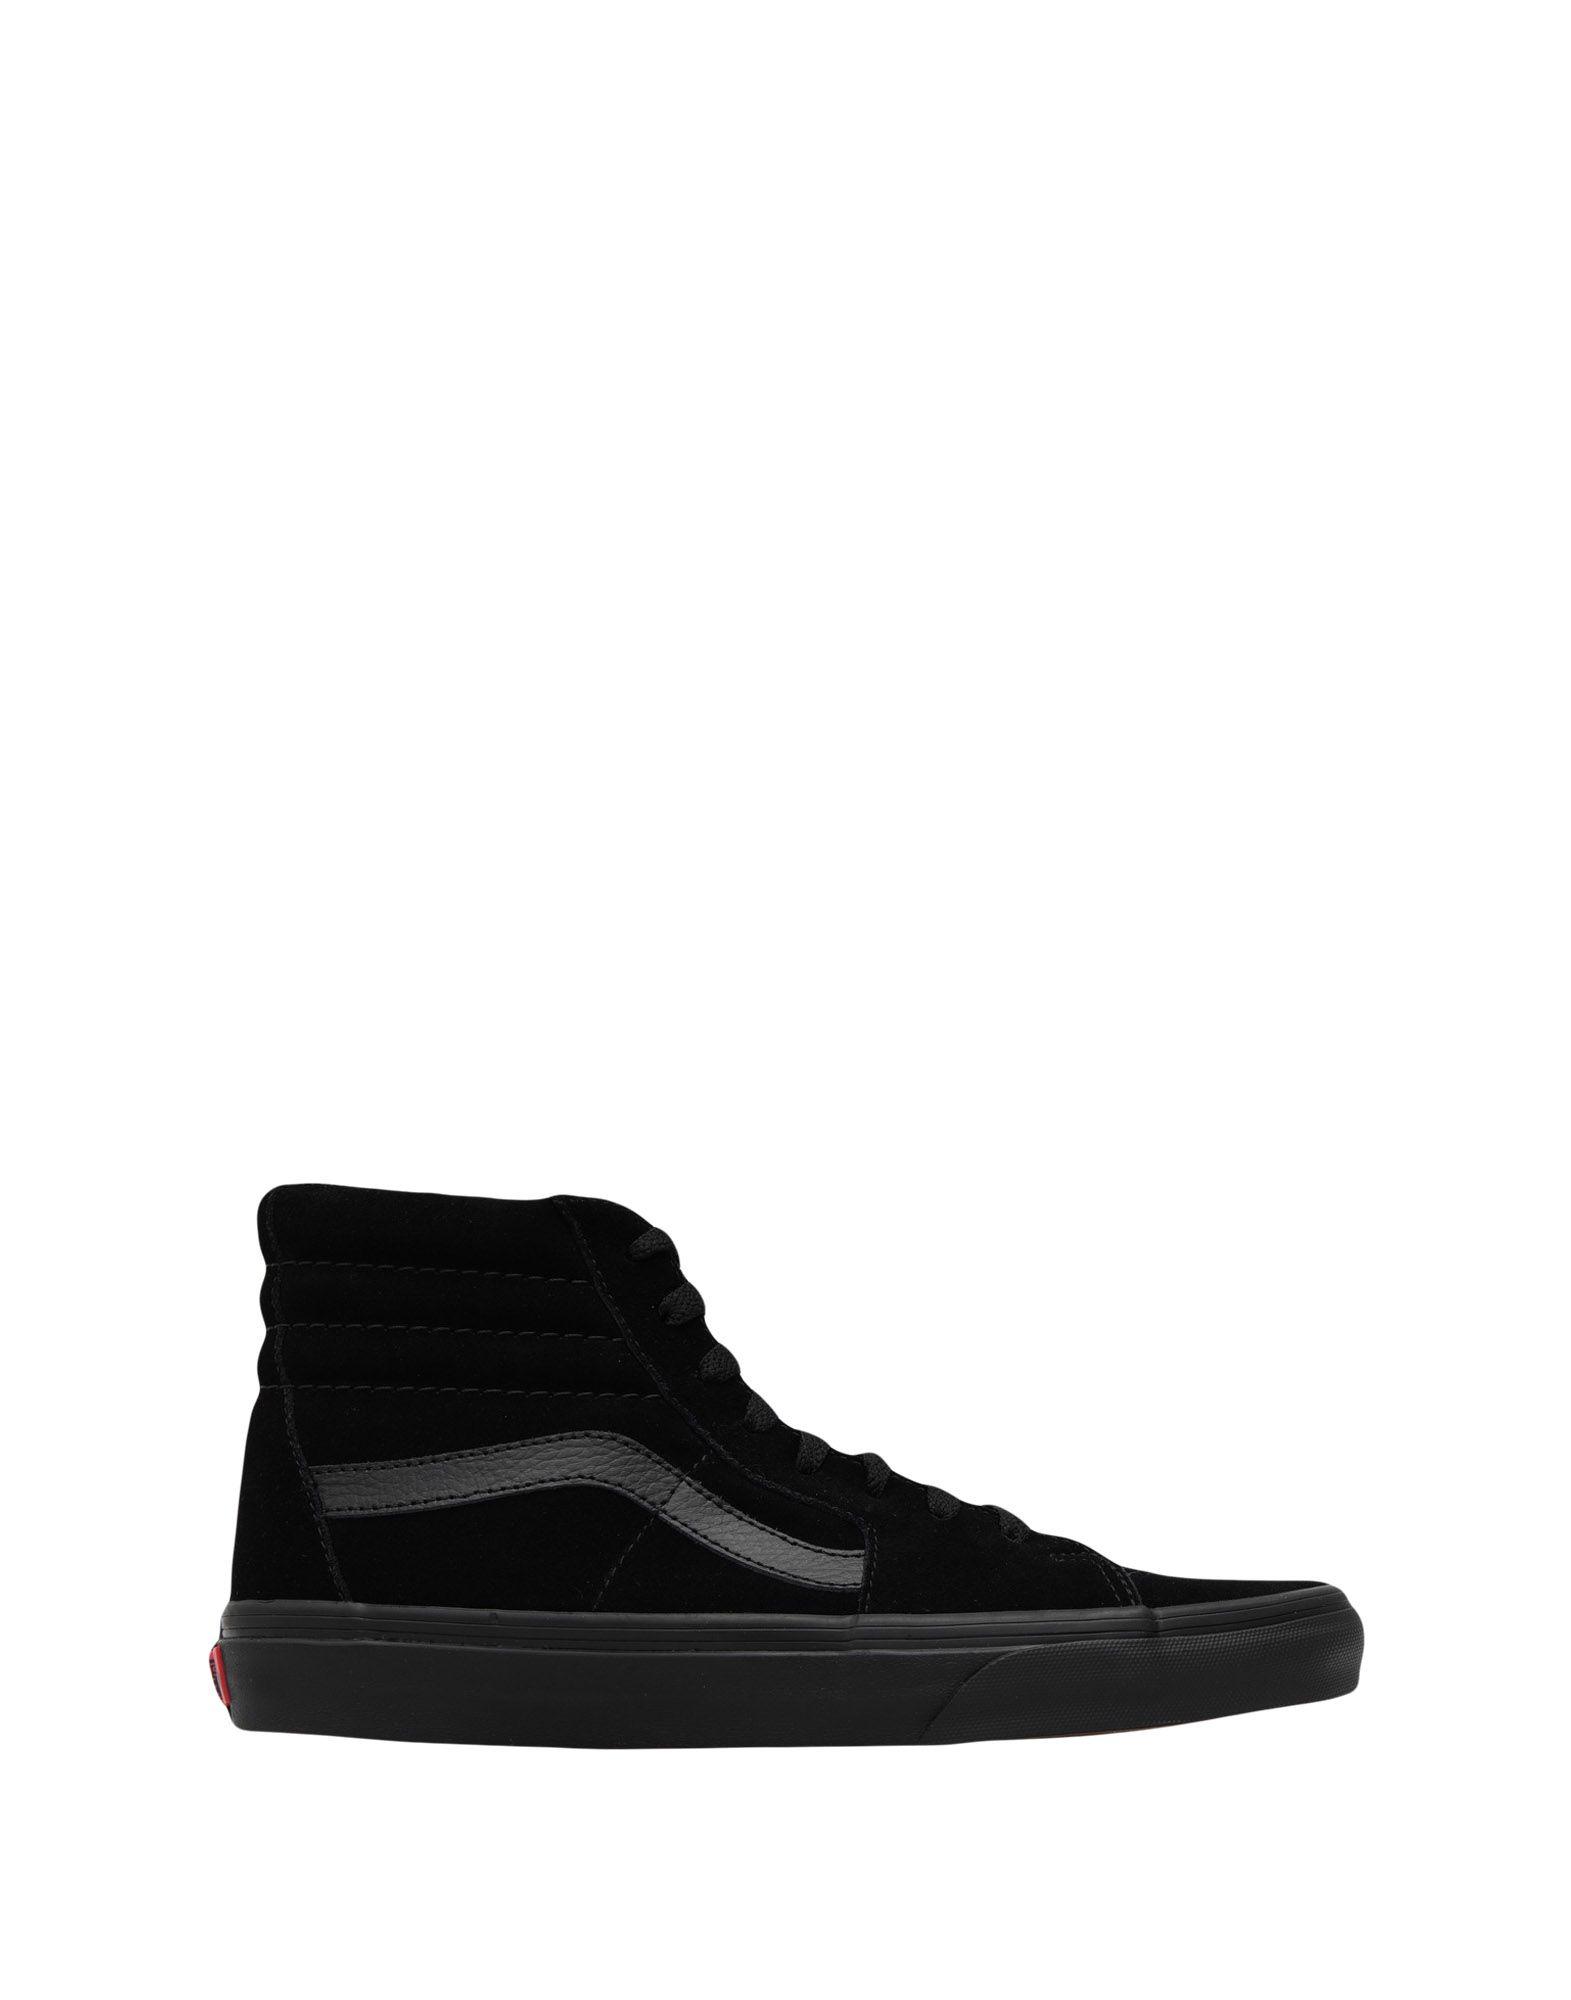 Baskets Vans Ua Sk8-Hi Black/Black Vans - Femme - Baskets Vans Black/Black Noir Dédouanement saisonnier 7bb5f0